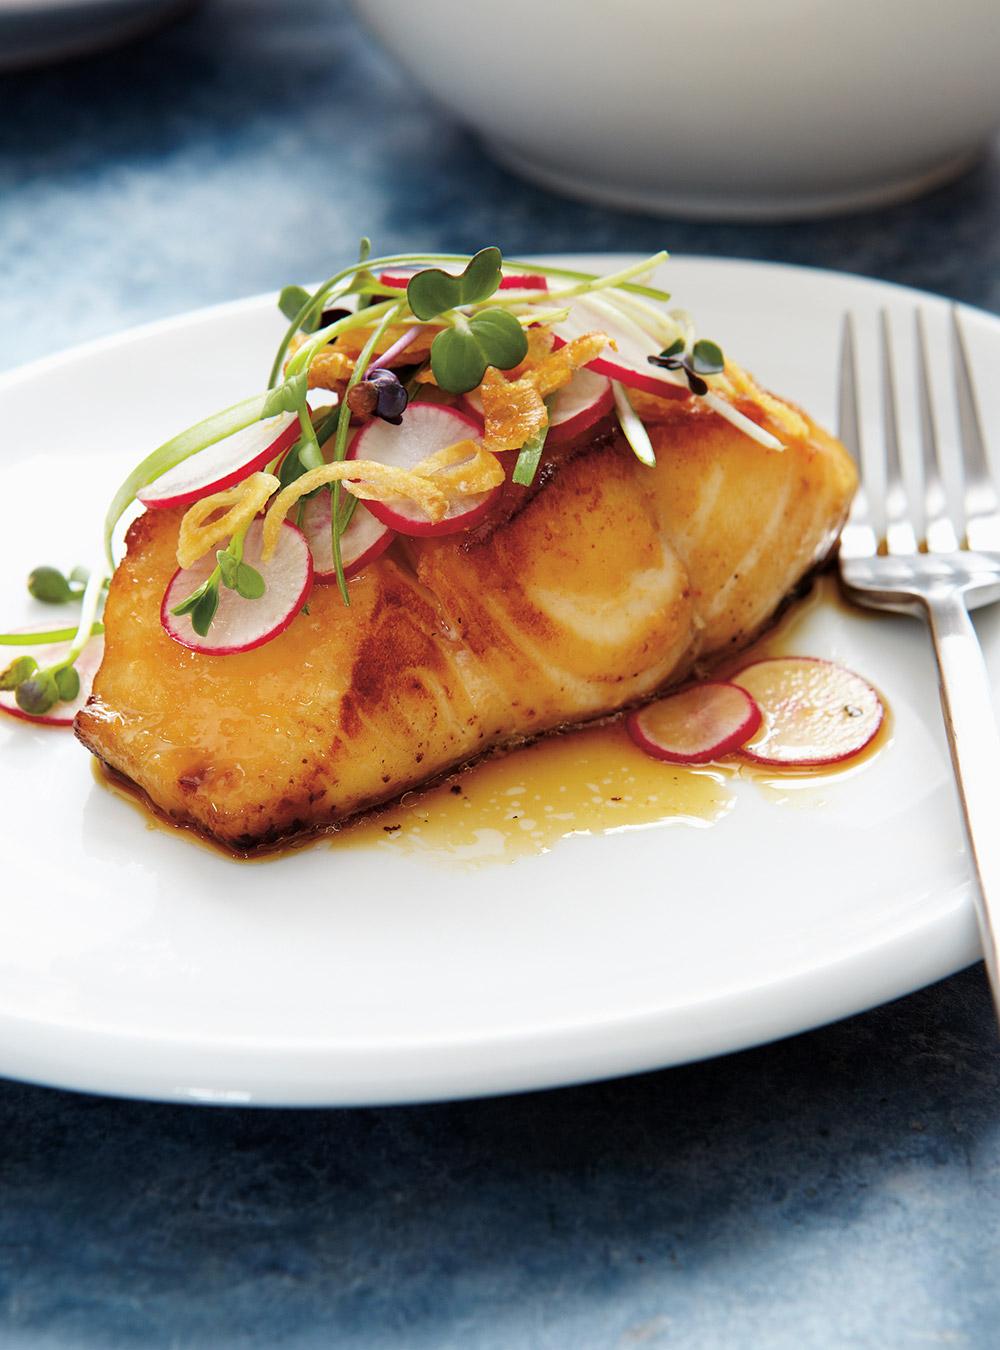 Cuisinez les poissons comme un chef  page 6 | ricardo